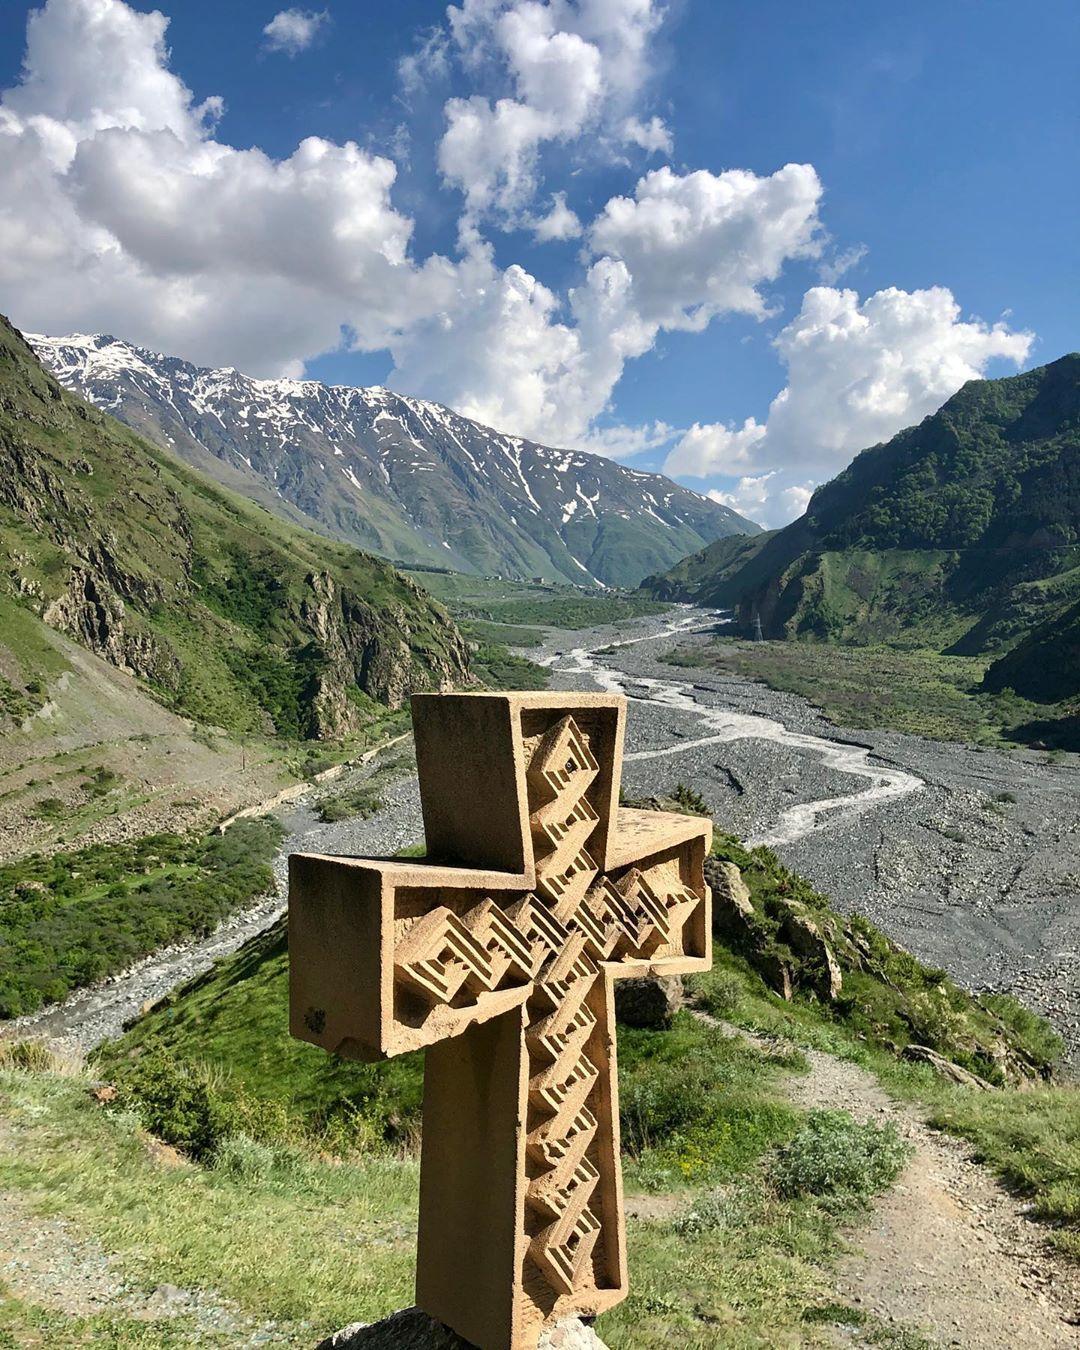 #georgia #georgia🇬🇪 #georgian #kazbegi #kazbegimountain #mountains #góry #gruzja #georgiatravel #georgiamountains #instagram #instaphoto…